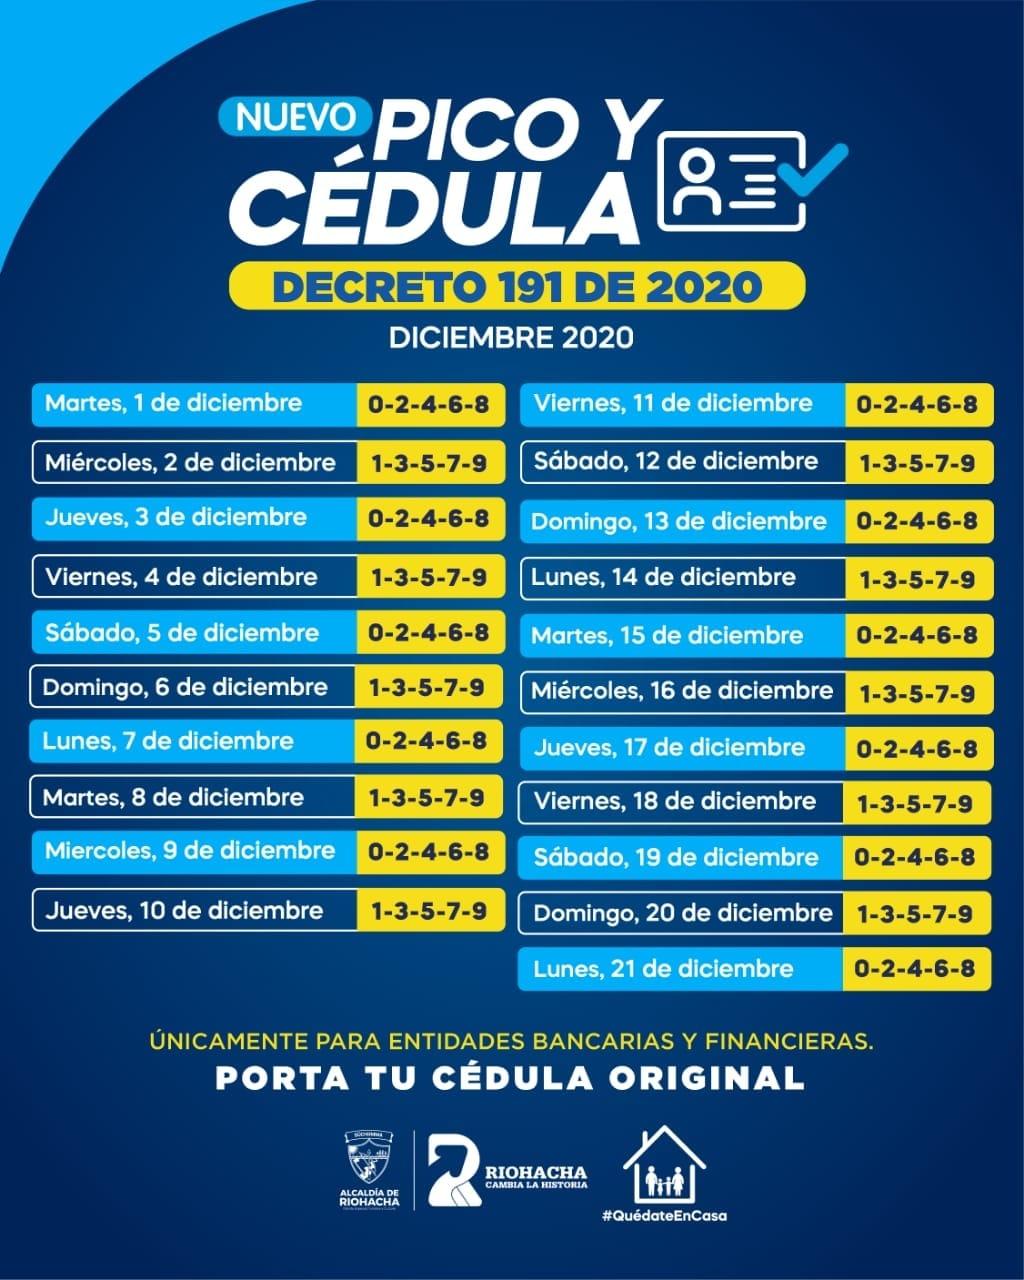 hoyennoticia.com, Pico y Cédula hasta el 21 de diciembre en Riohacha